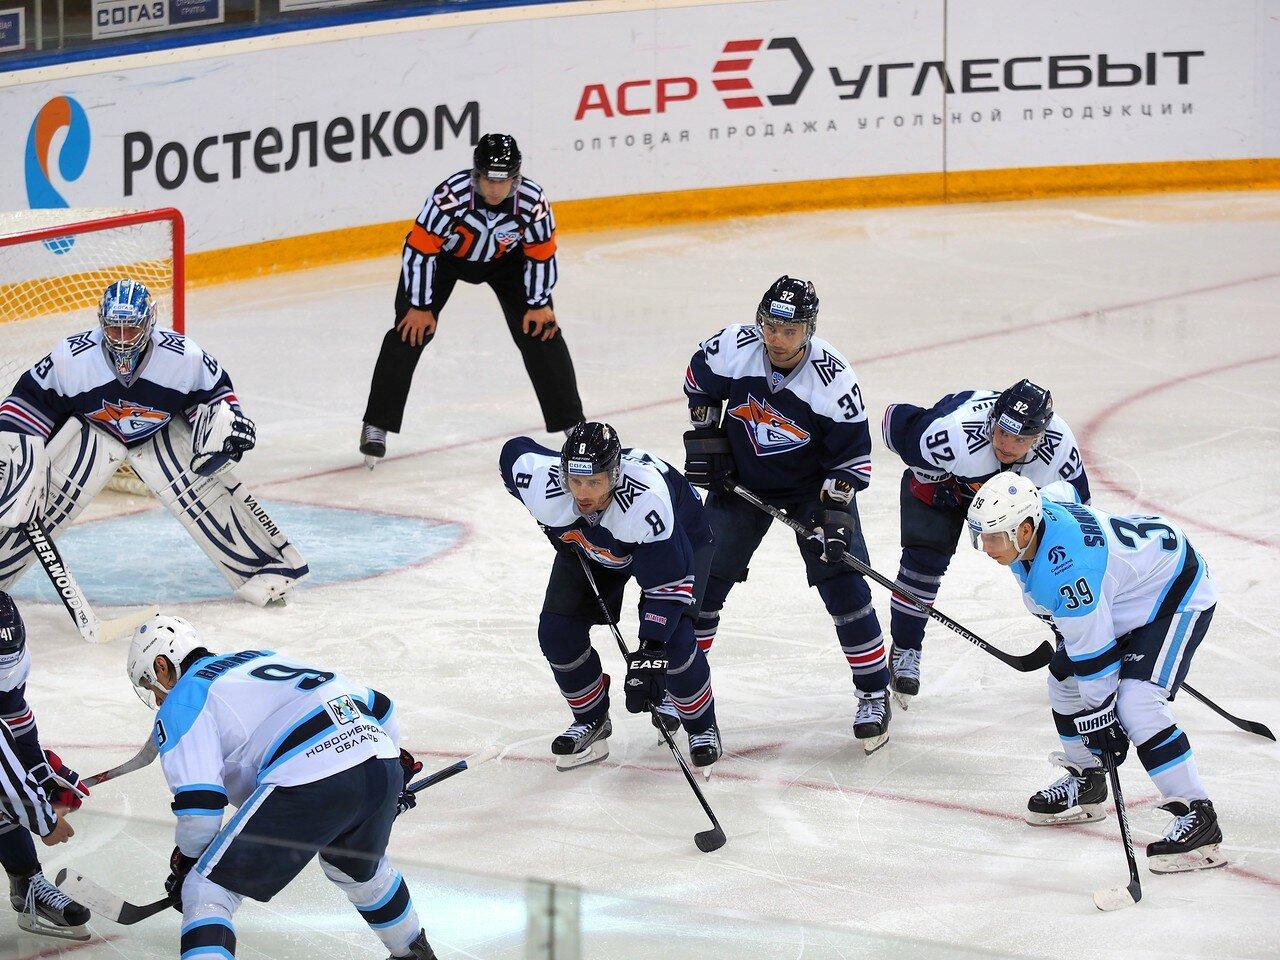 36Металлург - Сибирь 18.09.2015